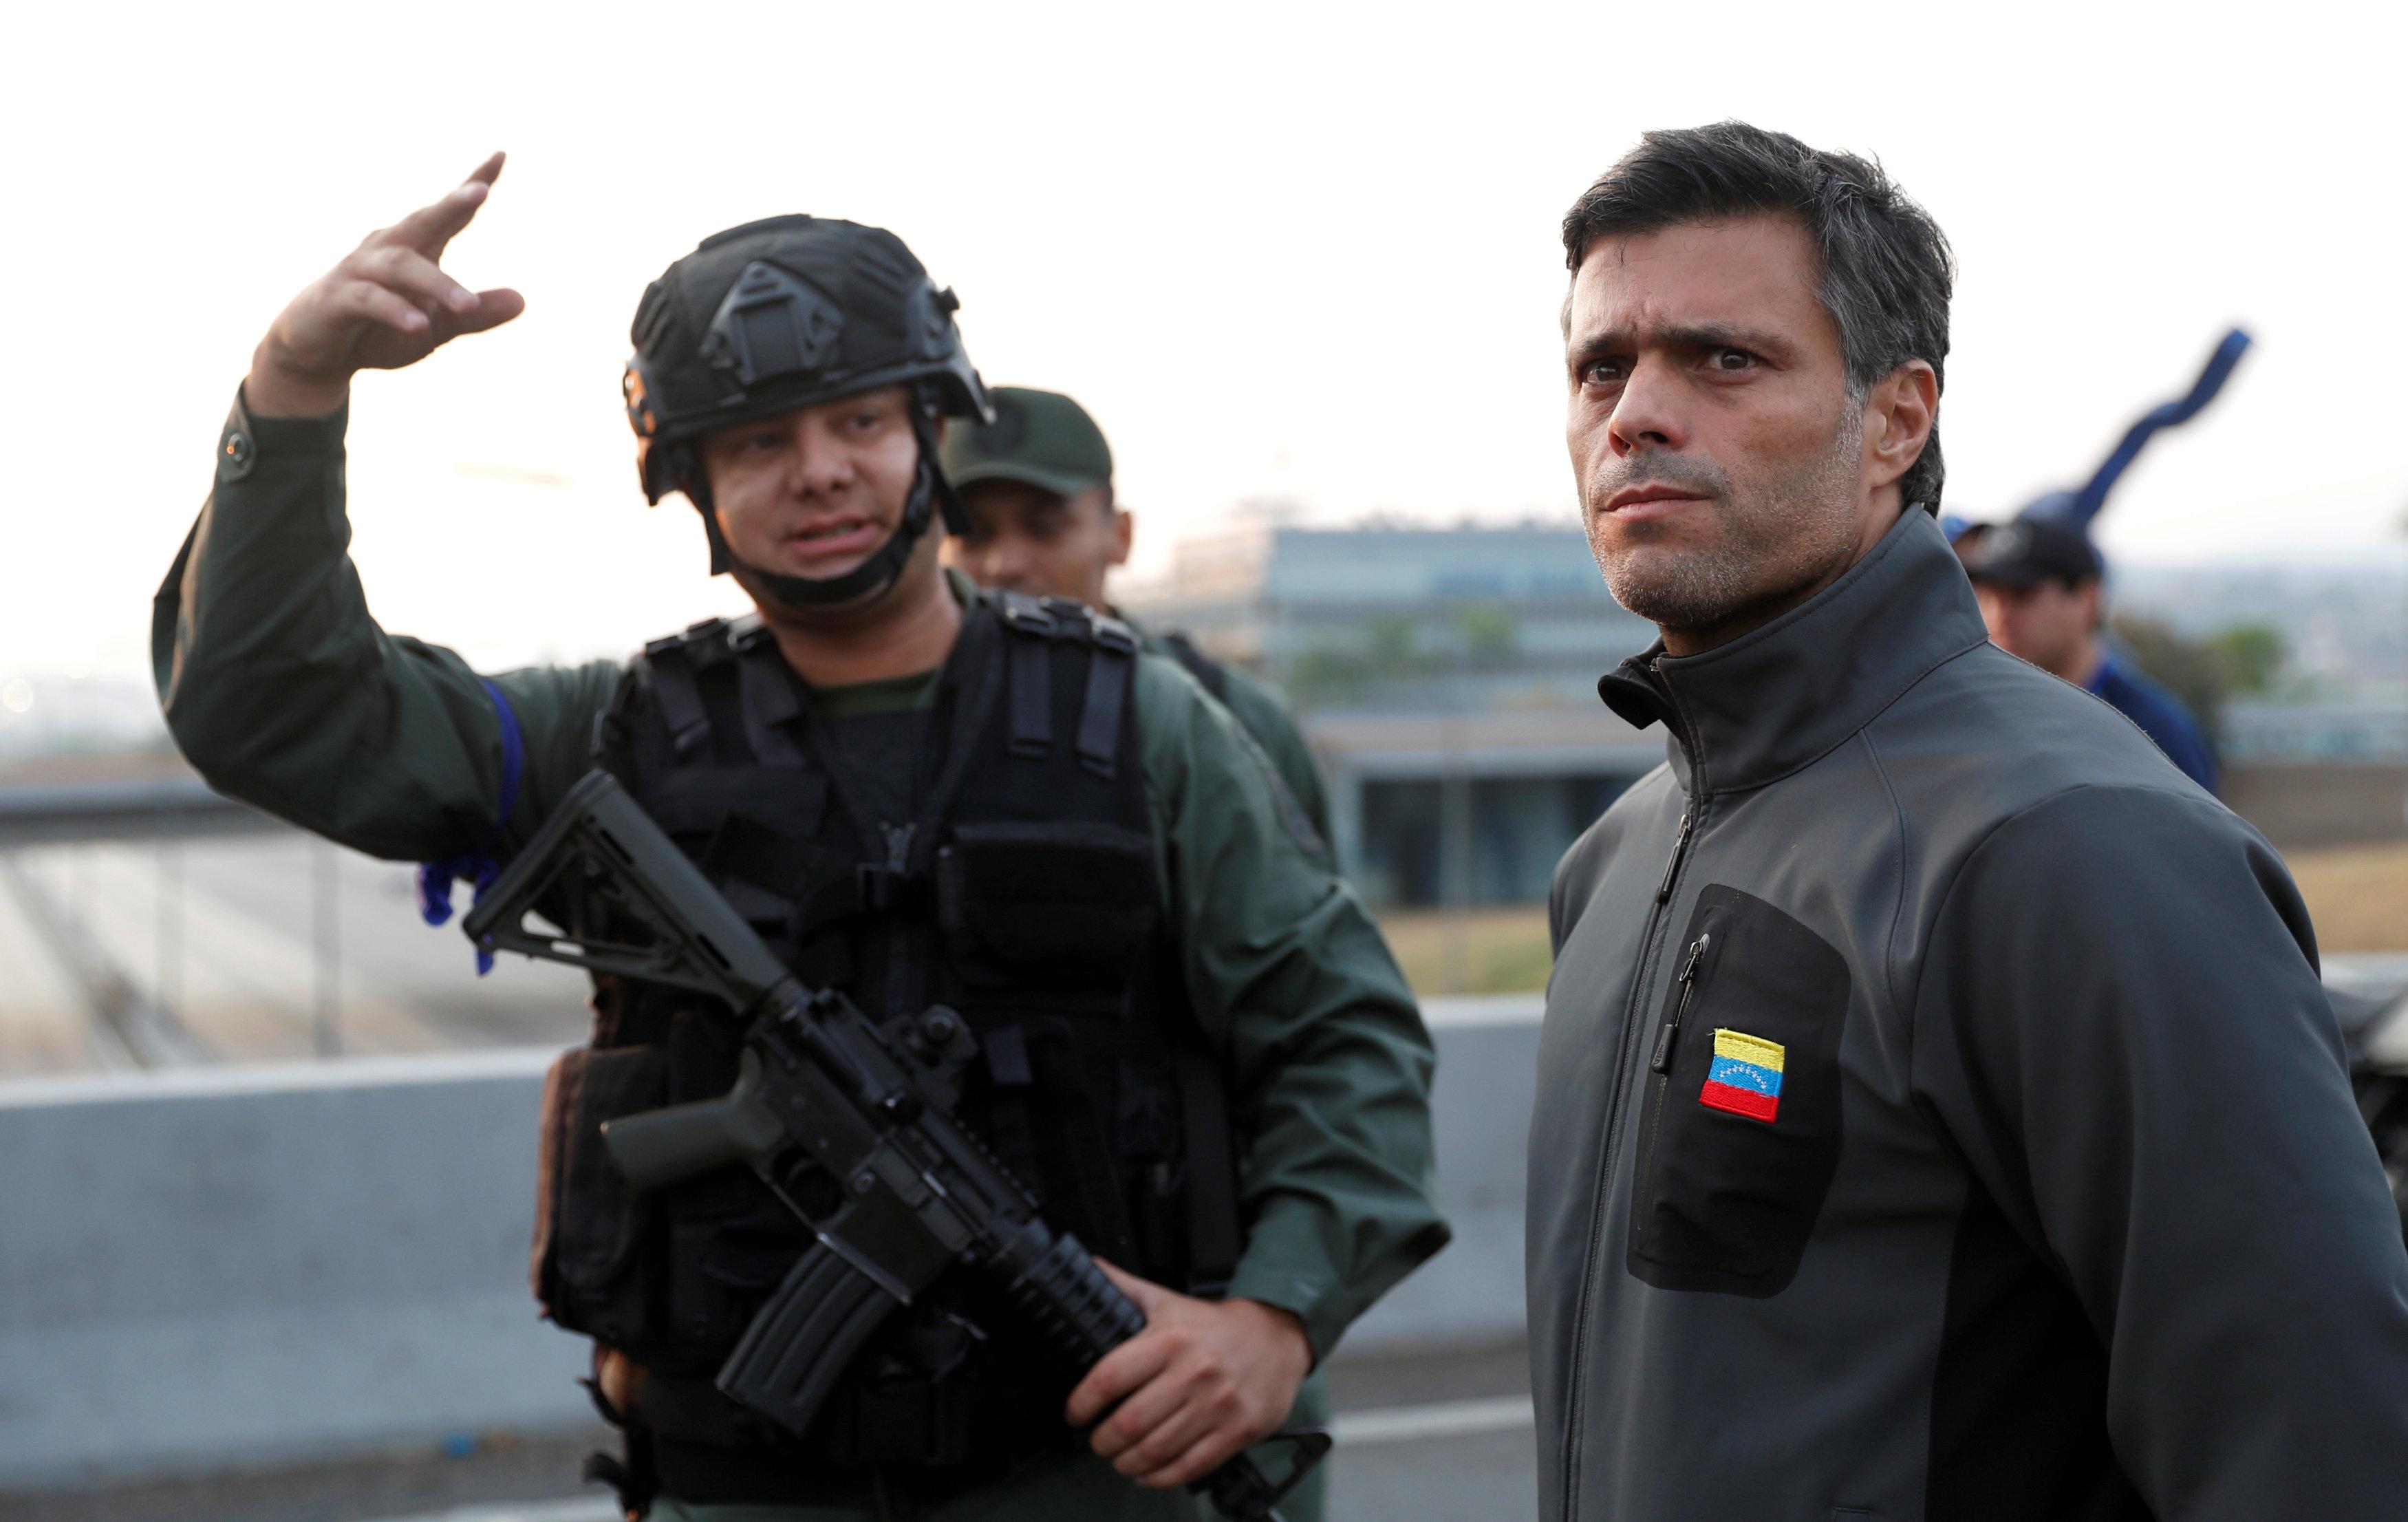 El líder opositor venezolano Leopoldo López es visto cerca de la base aérea 'La Carlota' en Caracas (Reuters)